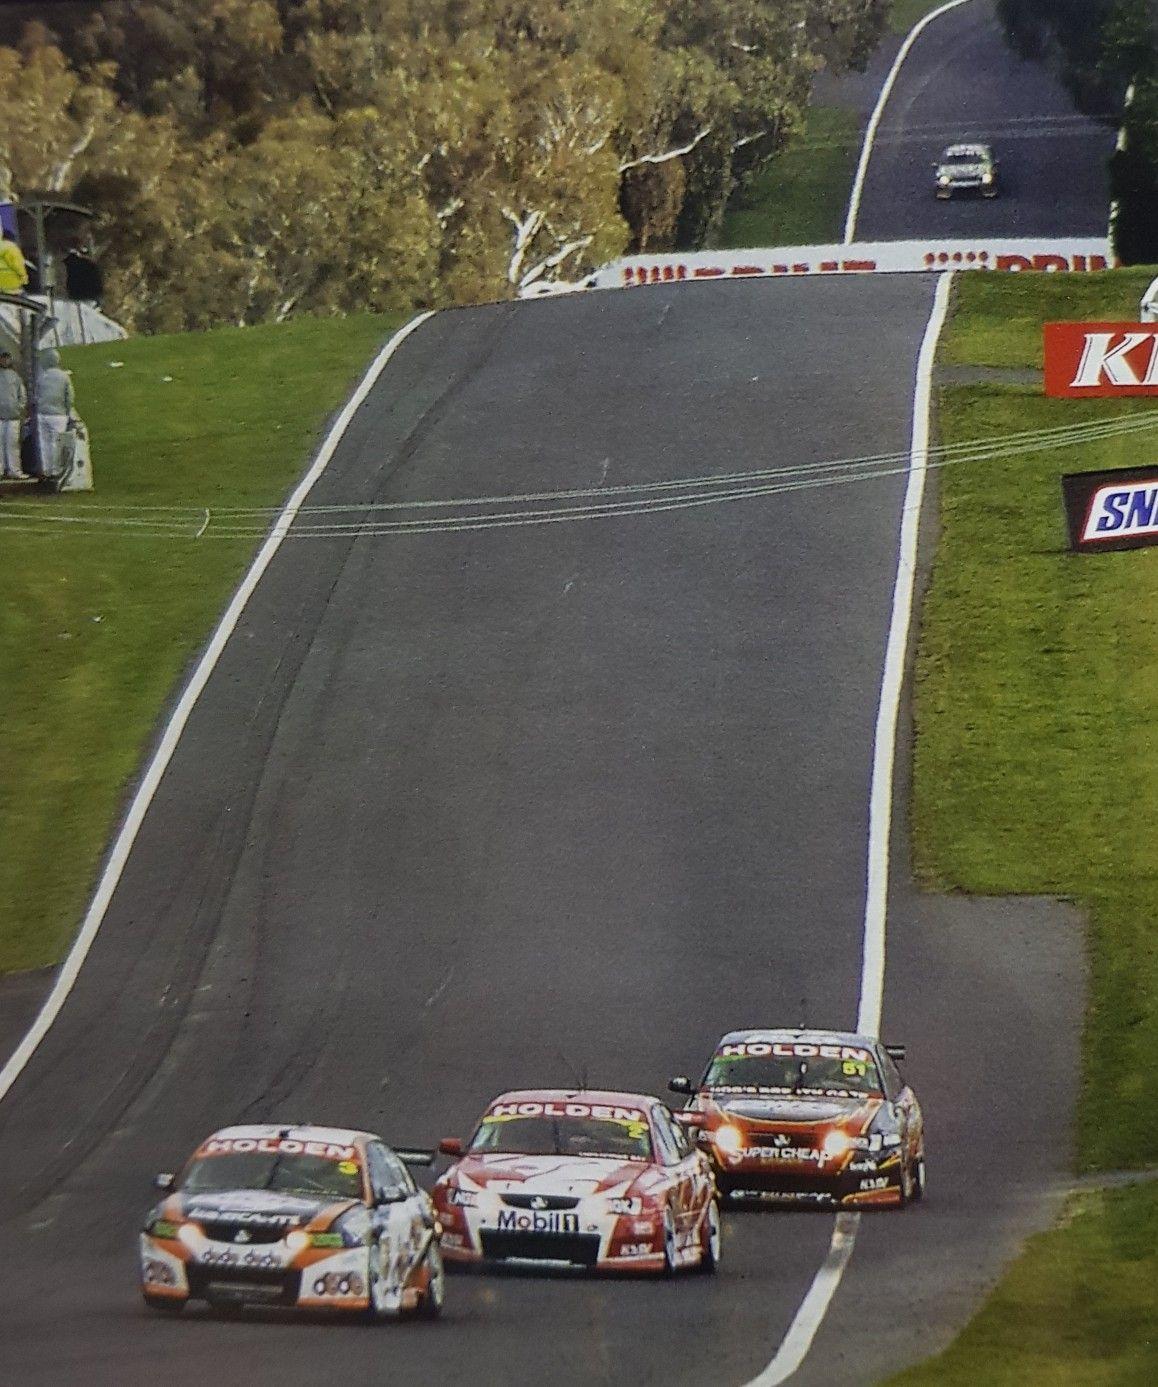 Pin by Tim Torana Street on Racing down under. Aussie